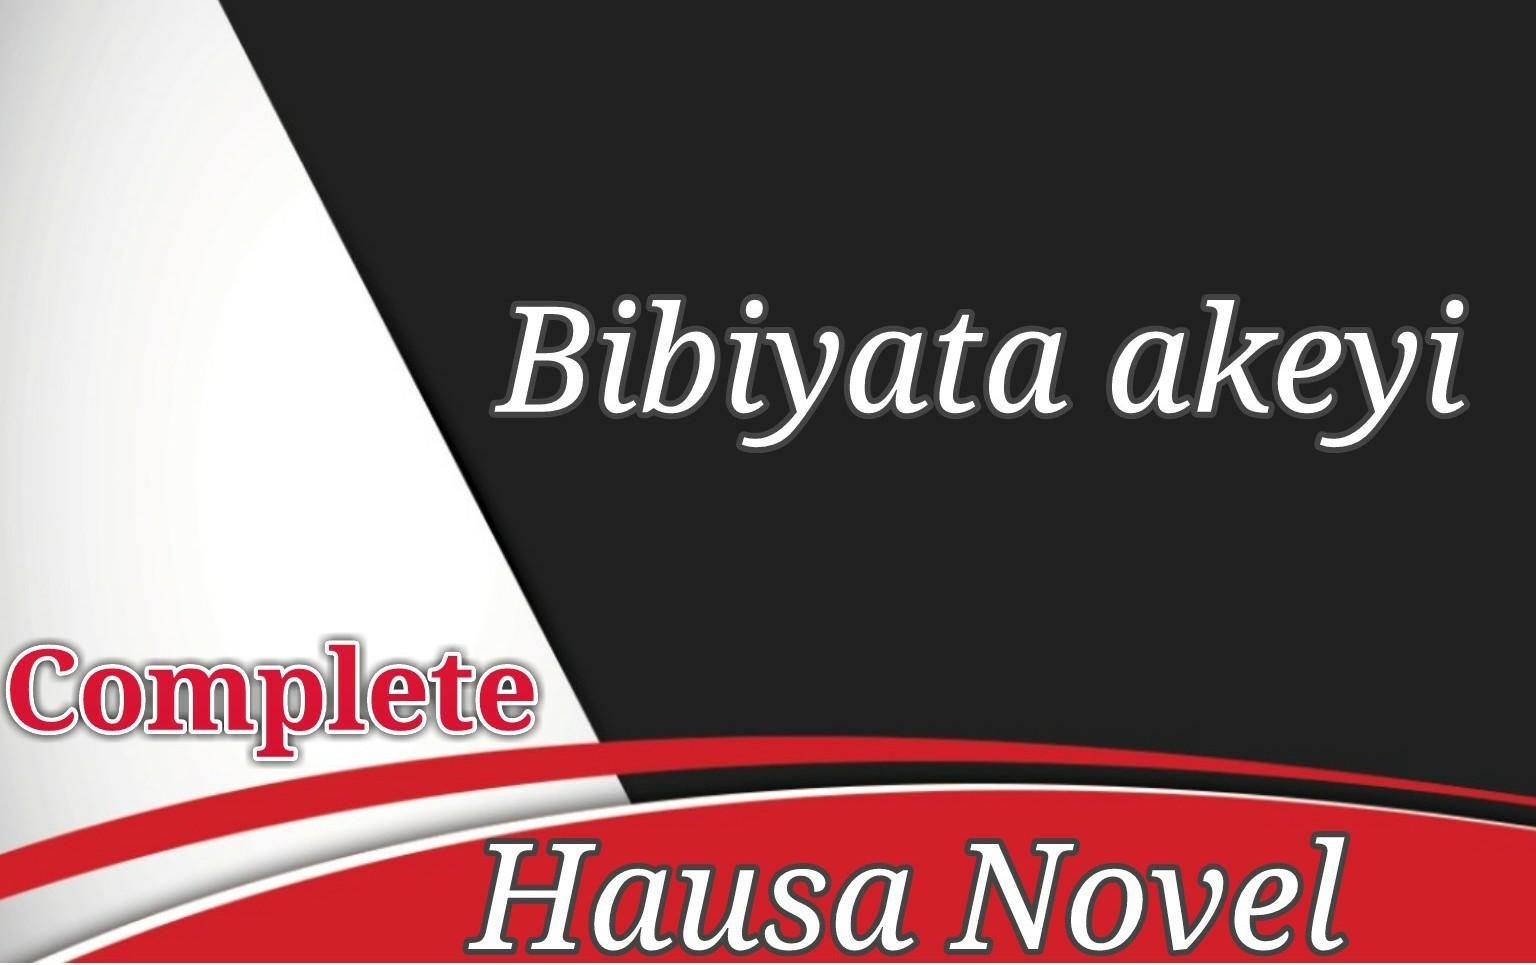 BiBiYATA AKE COMPLETE HAUSA NOVEL